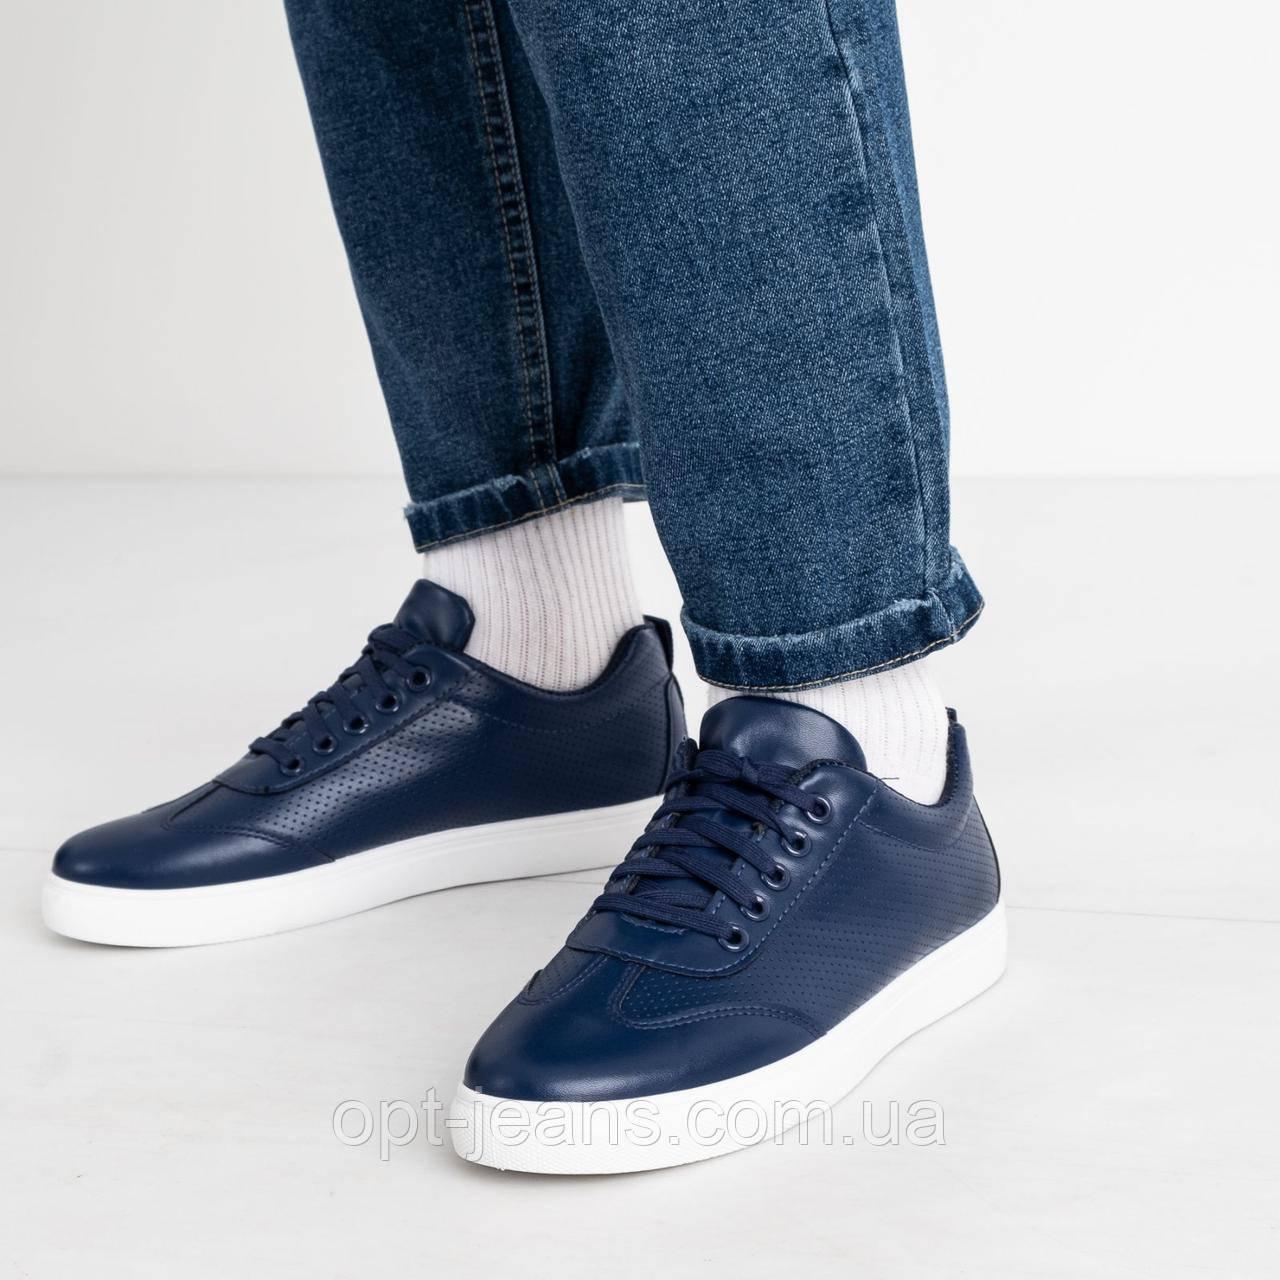 271020-4 сині кросівки чоловічі (10 од. розміри: 39.40.40.41.41.42.42.43.43.44)